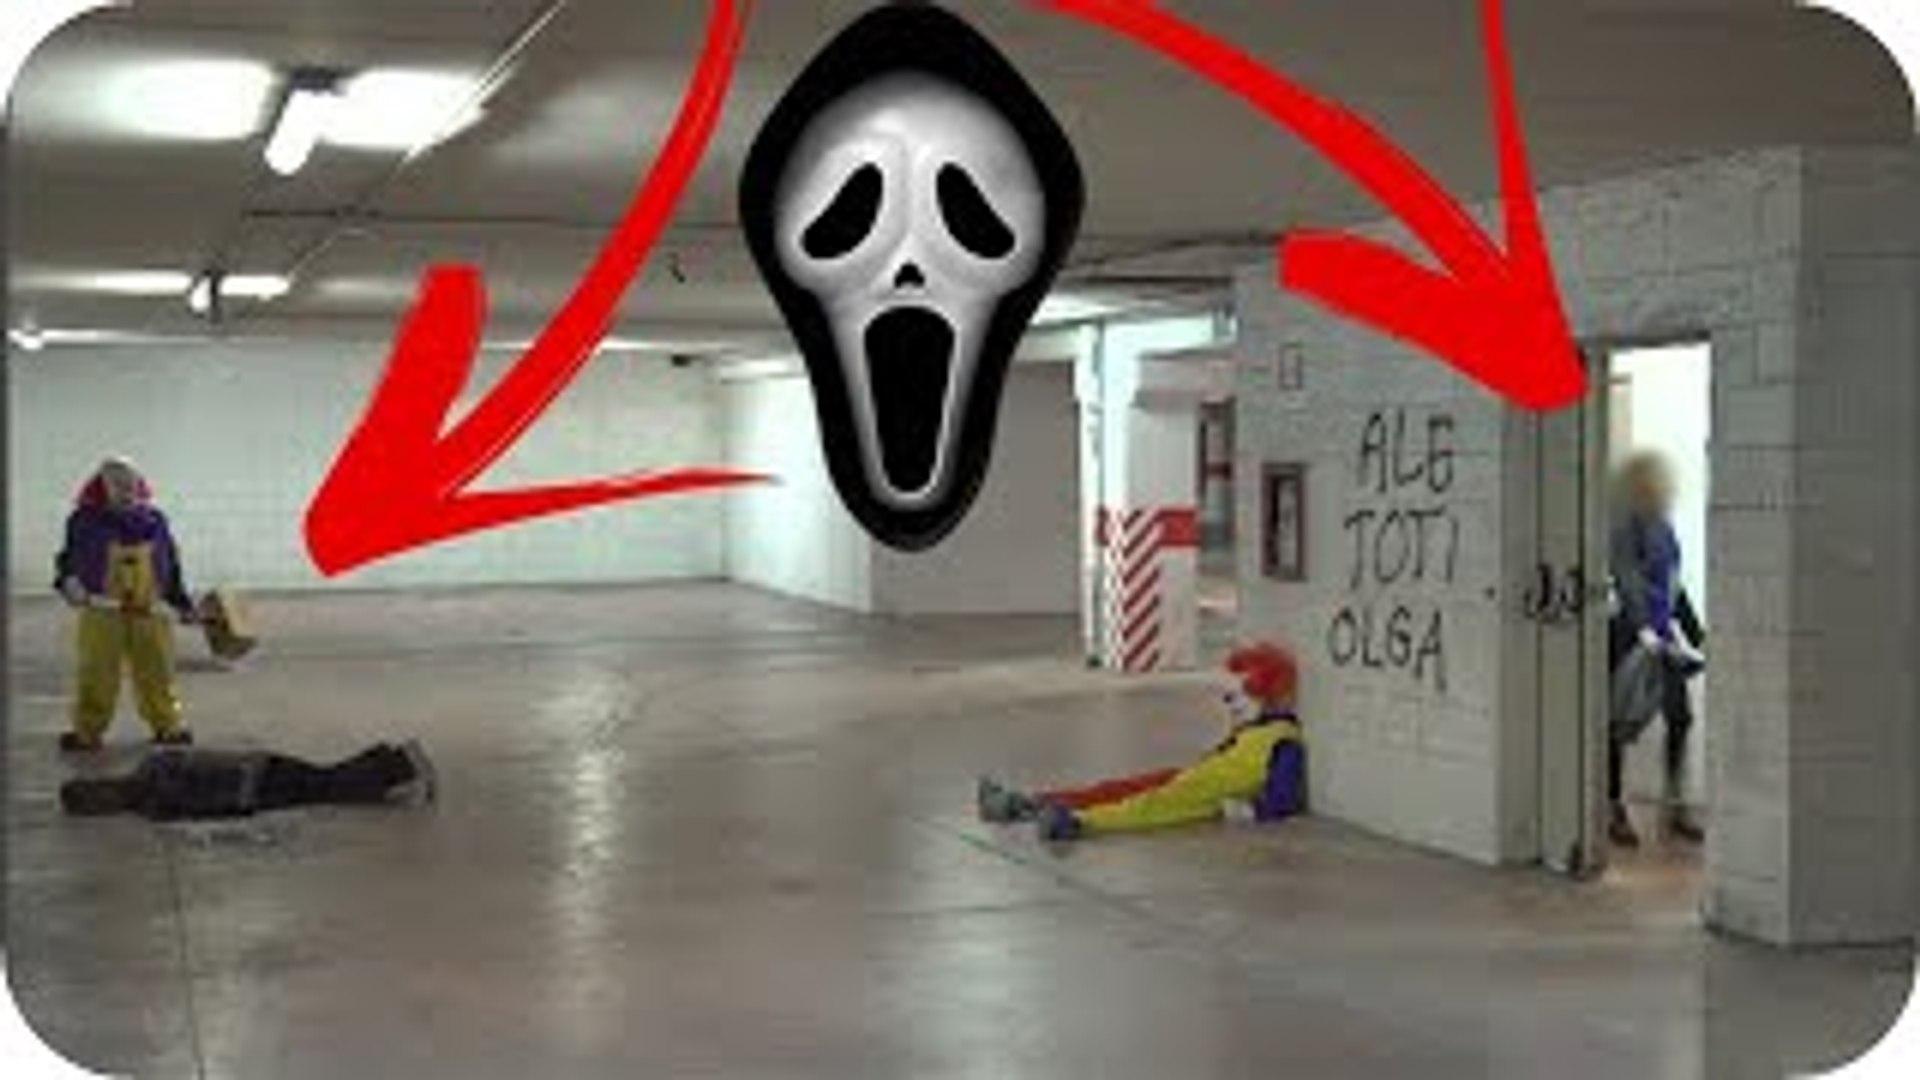 Scary Pranks - Funny Scare Pranks - Top Scary Pranks